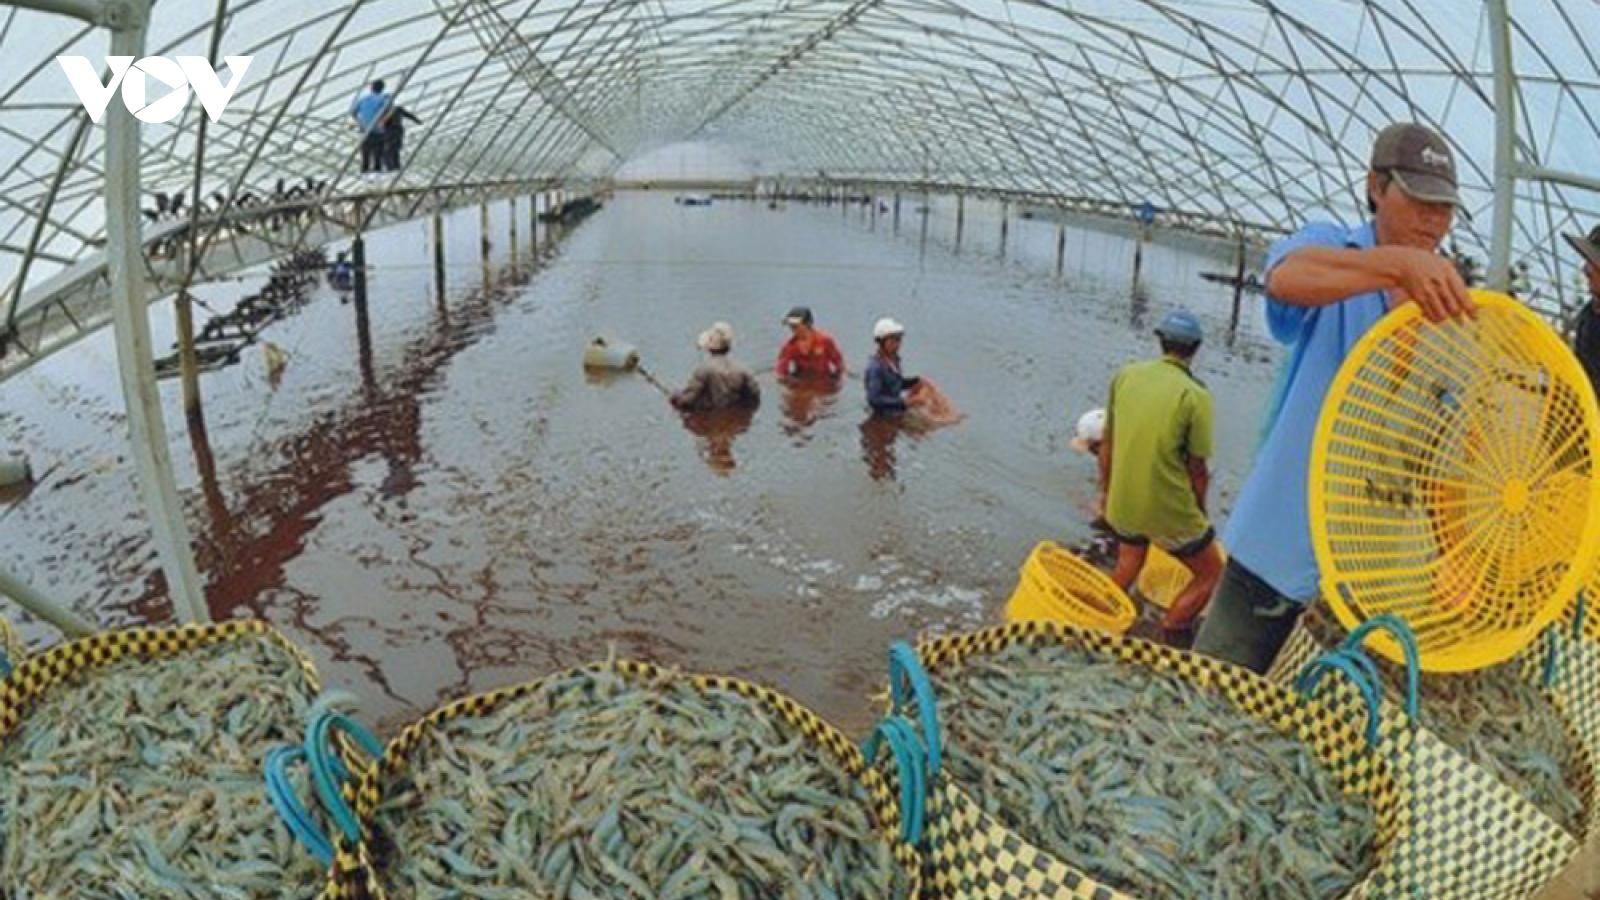 Phát triển thủy sản - trọng tâm mới của nông nghiệp ĐBSCL